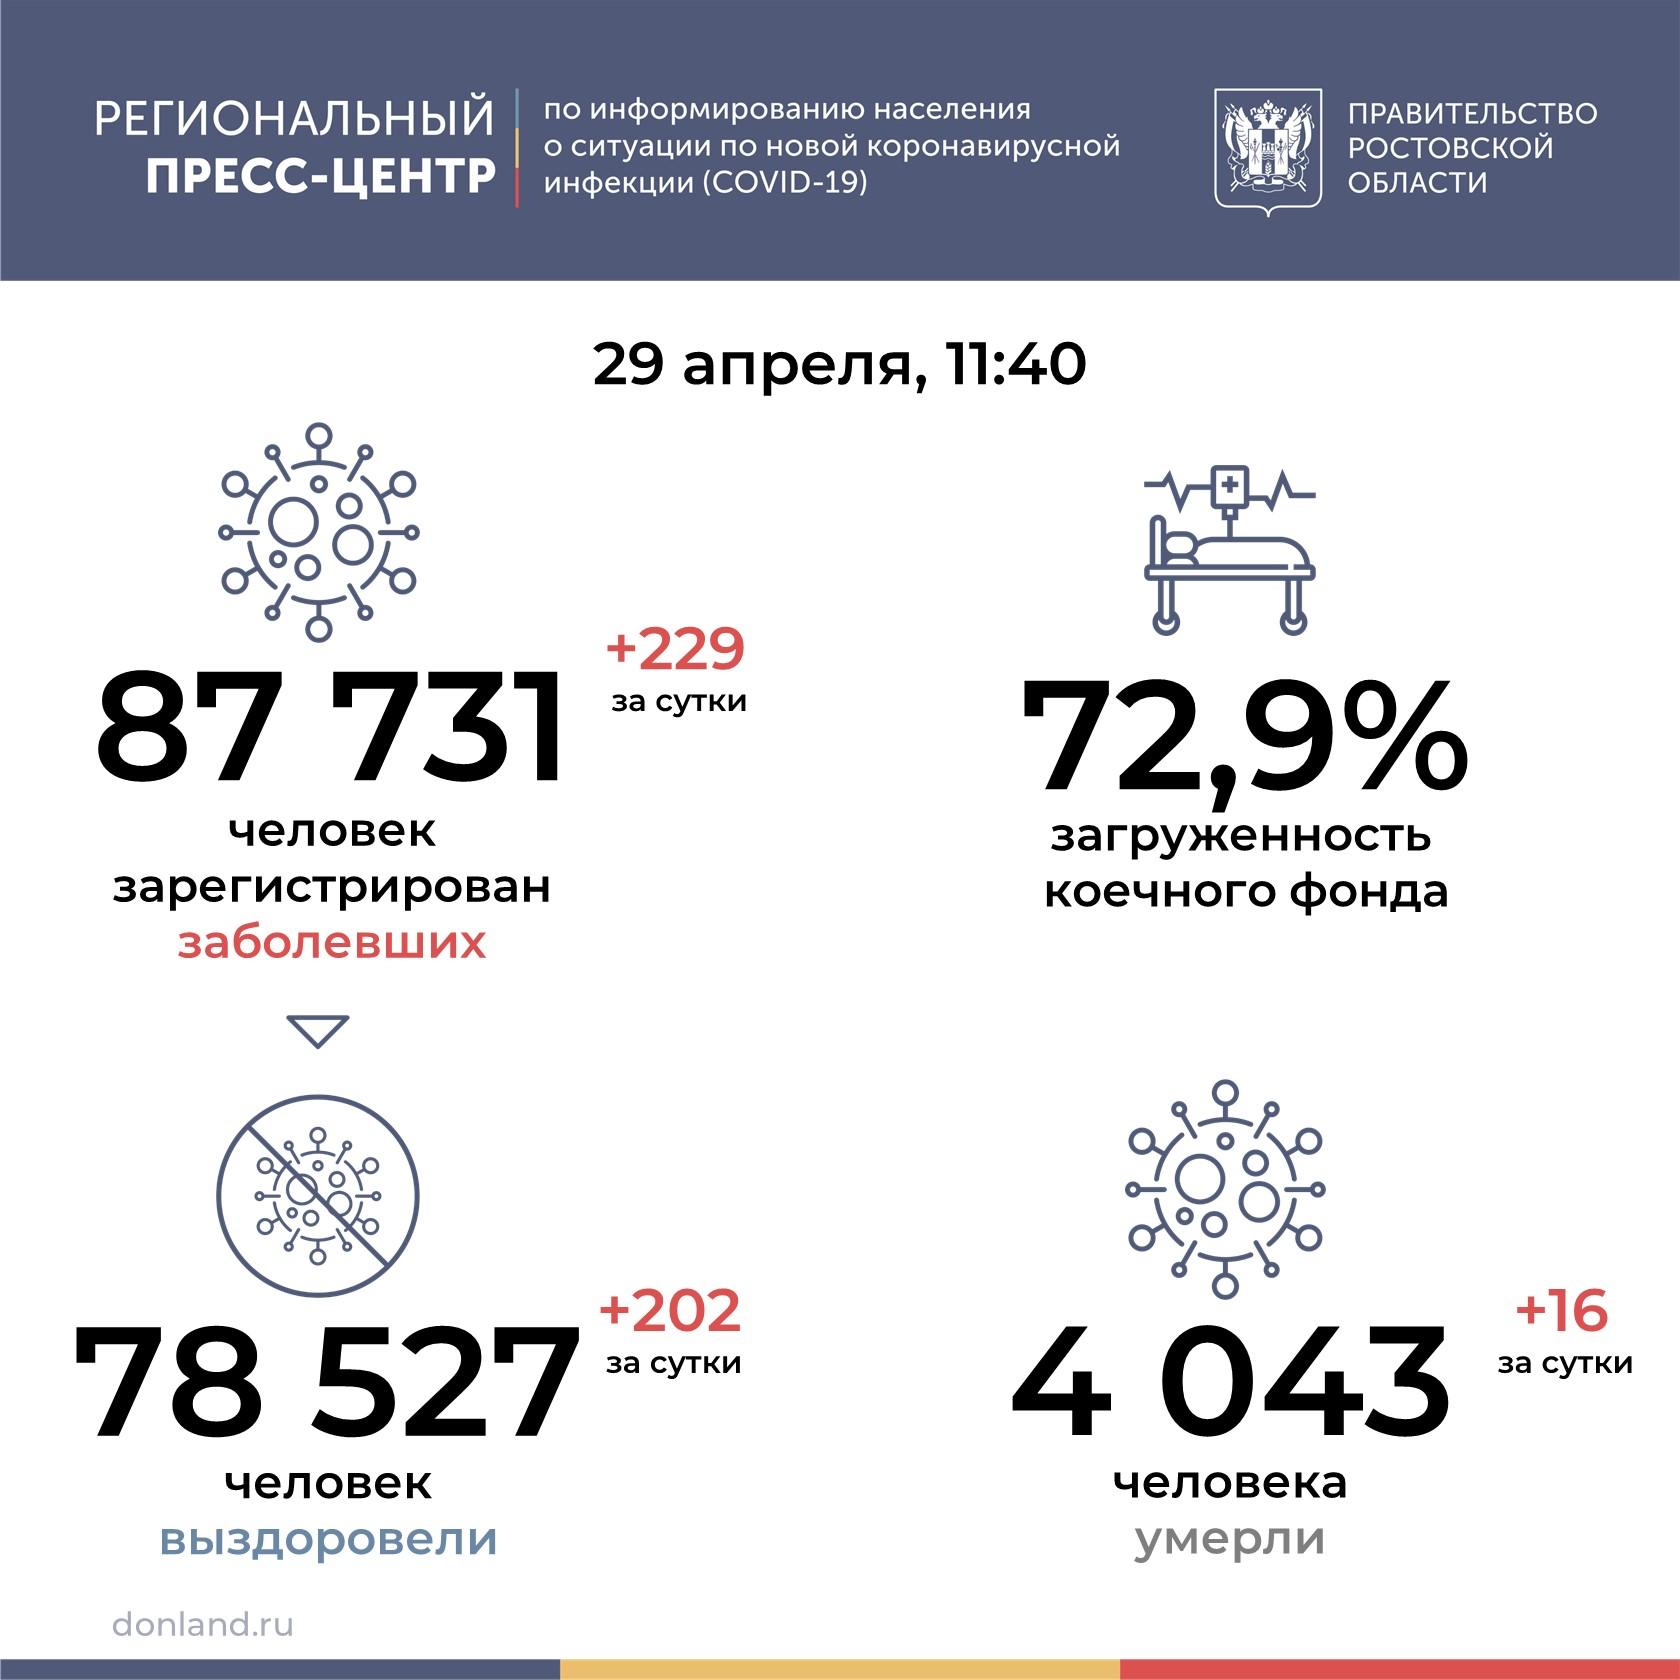 На Дону от COVID-19 умерли 16 человек